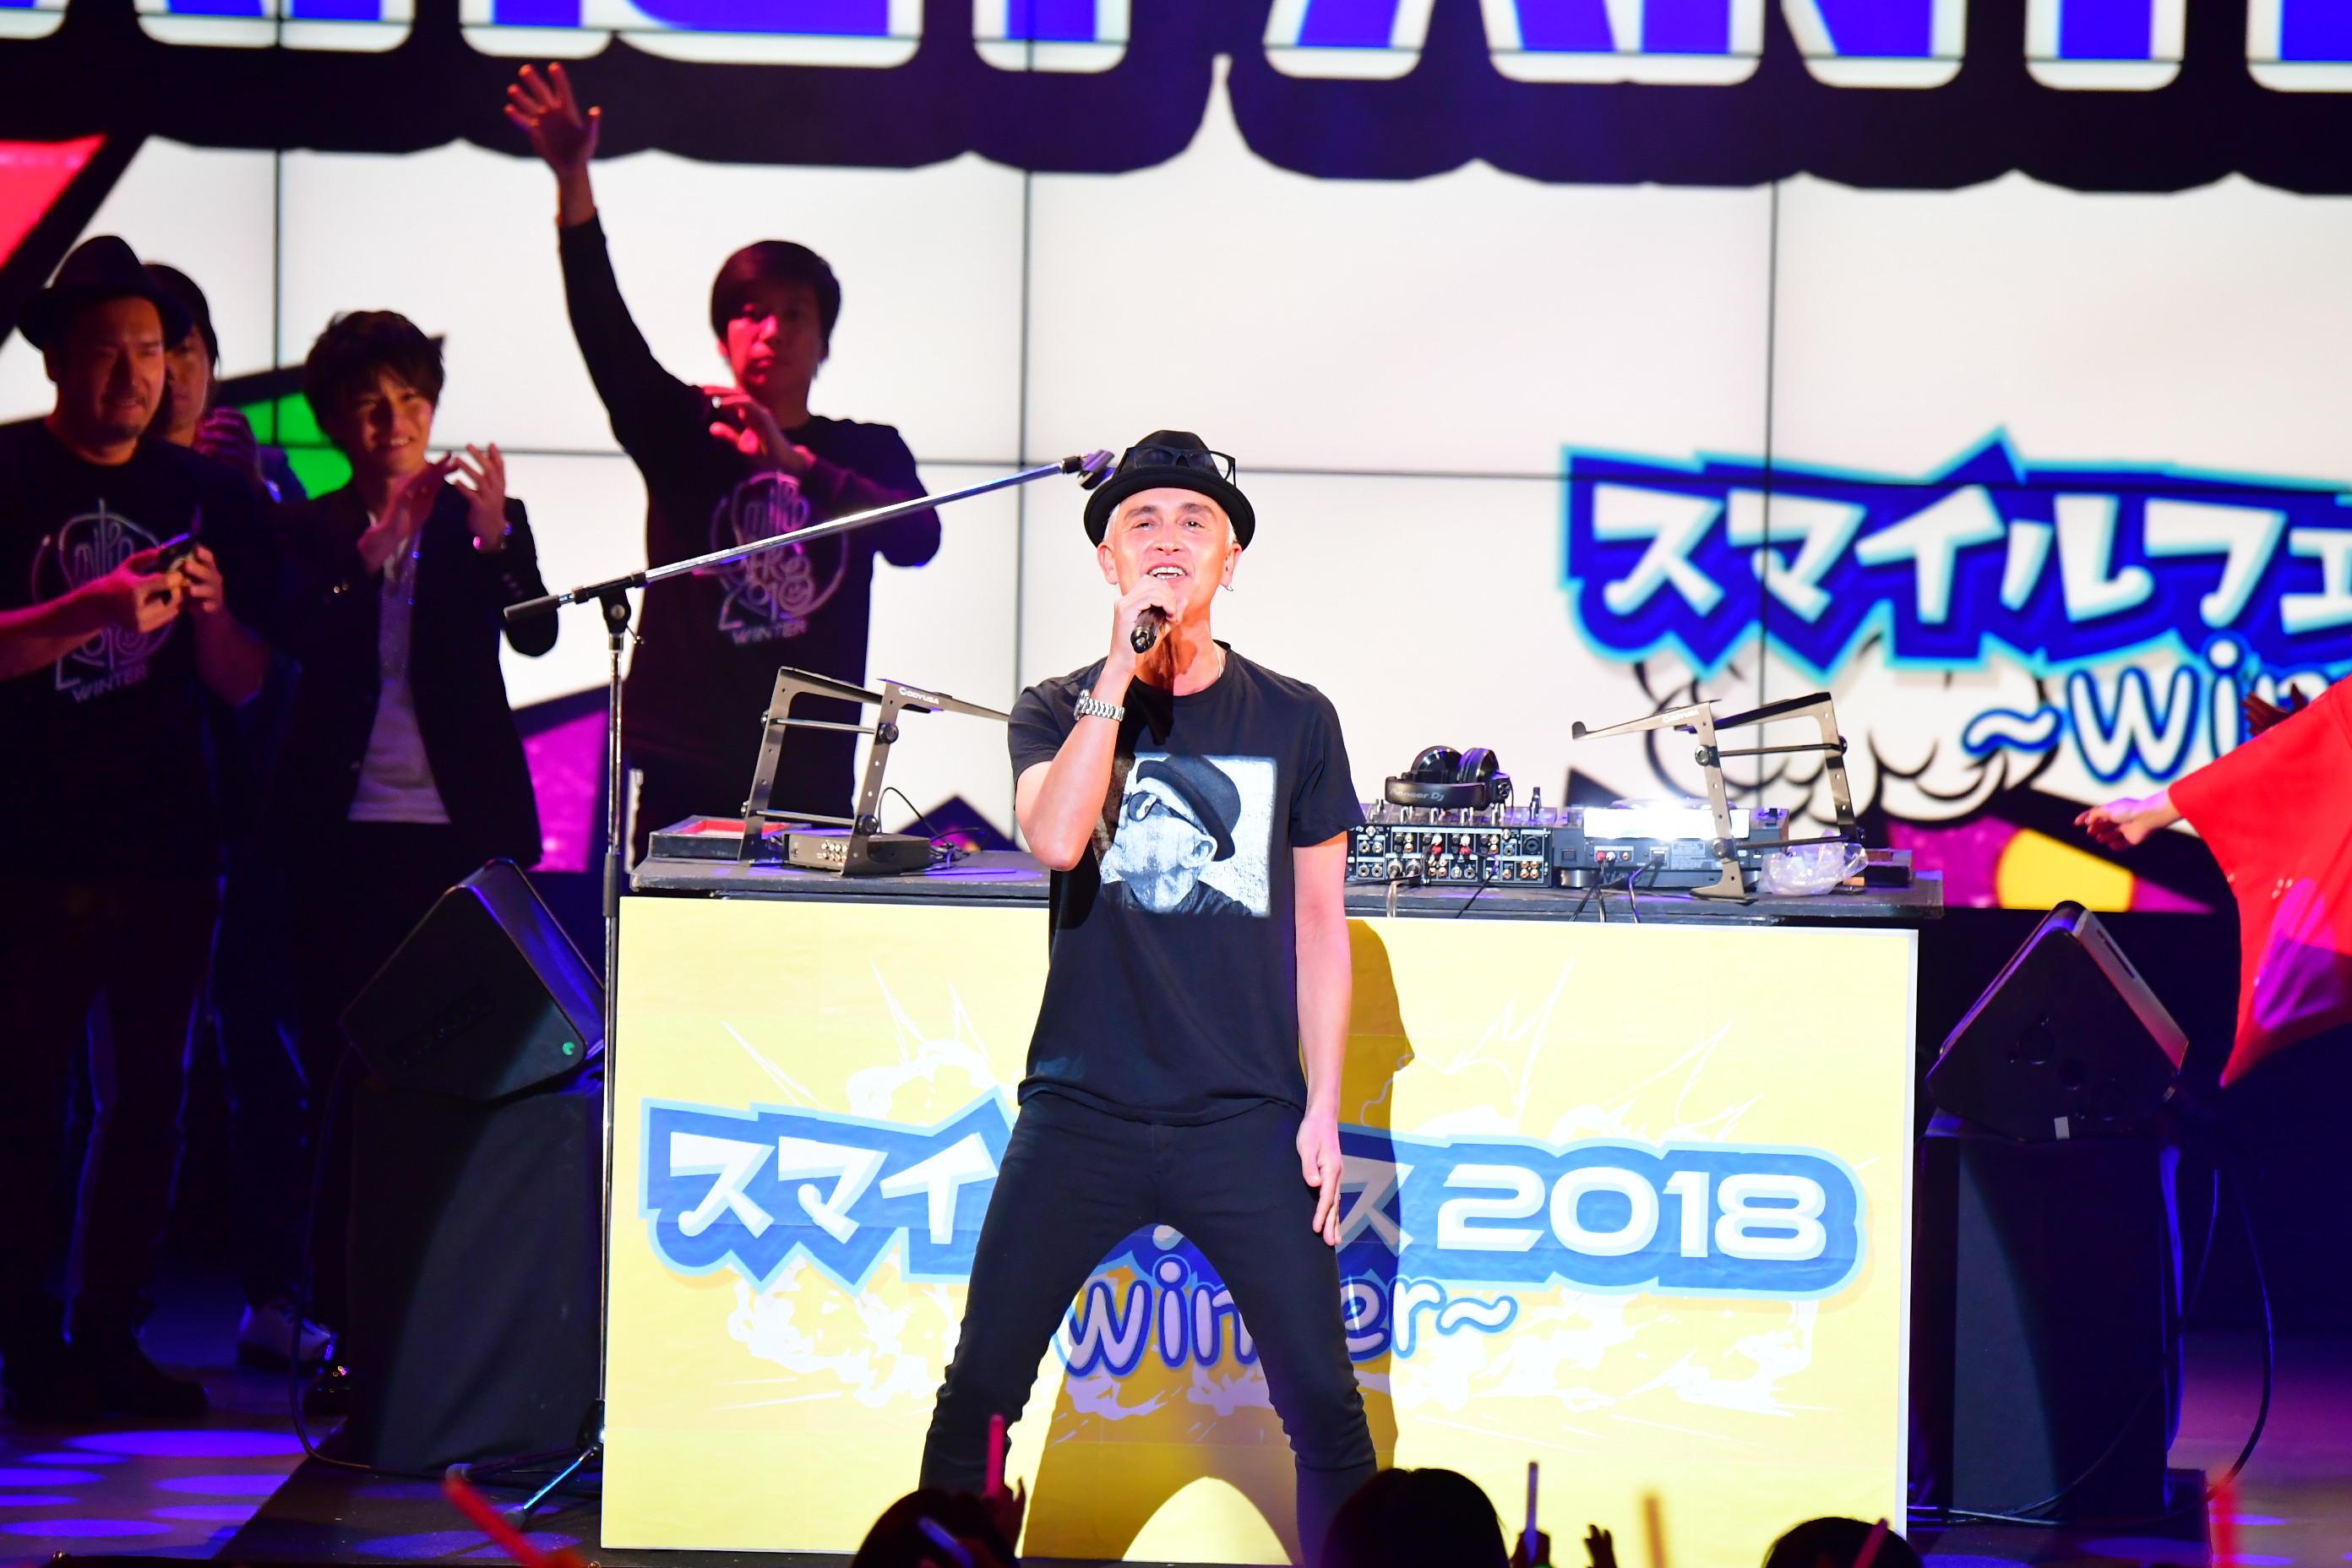 http://news.yoshimoto.co.jp/20180119011605-b53594d61e132779f89309f223c6b4cc84dea9d9.jpg